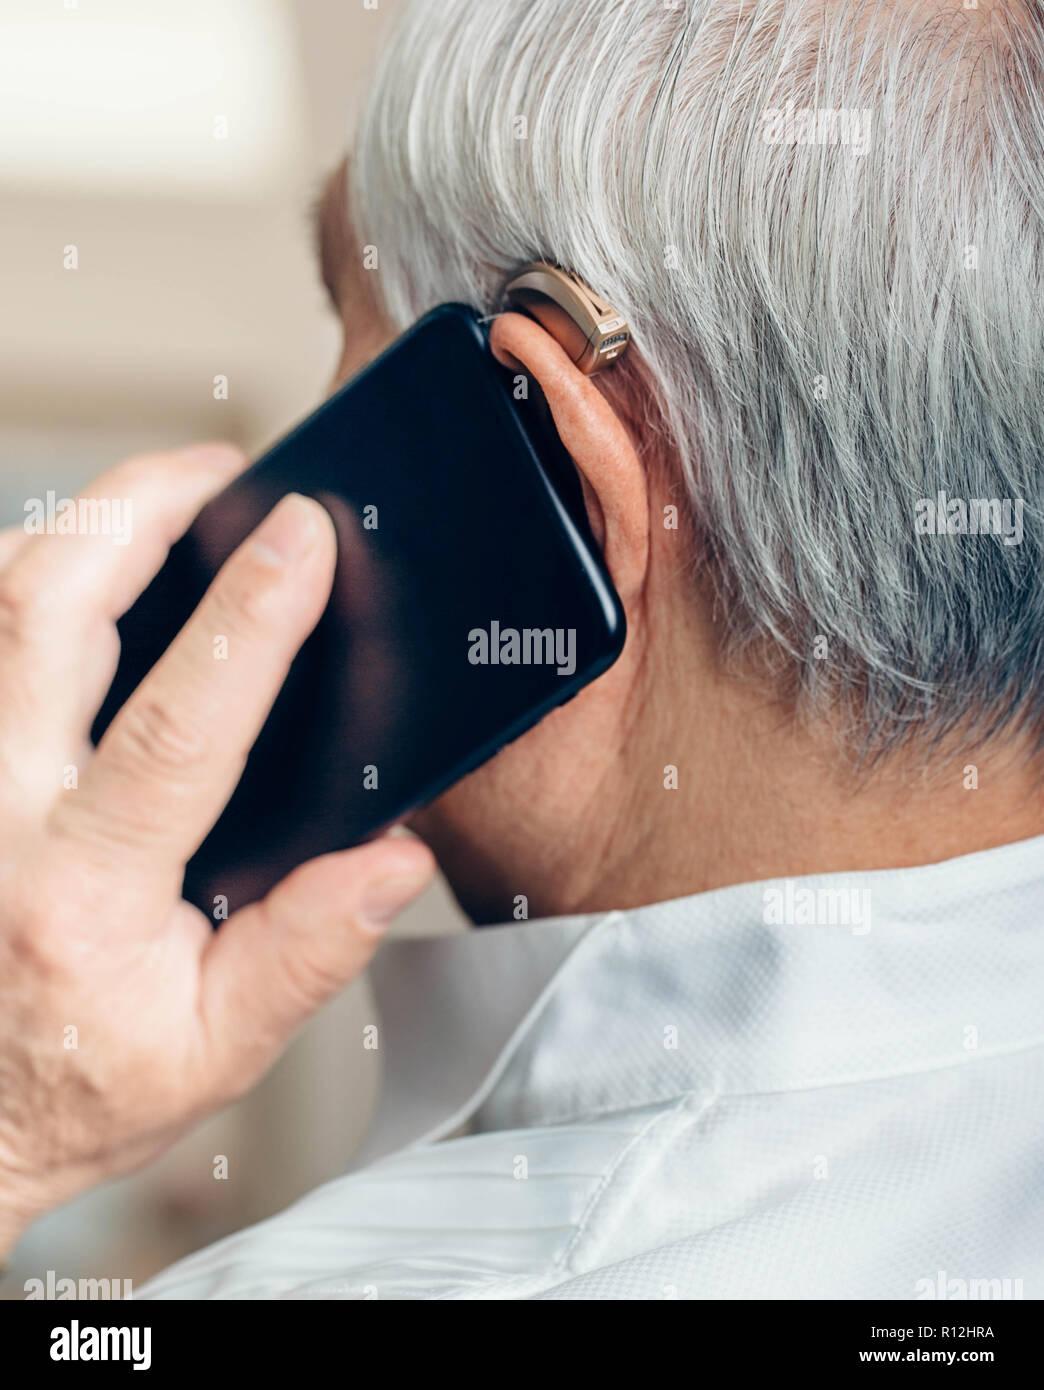 Hombre senior con audífono hablando por teléfono Imagen De Stock